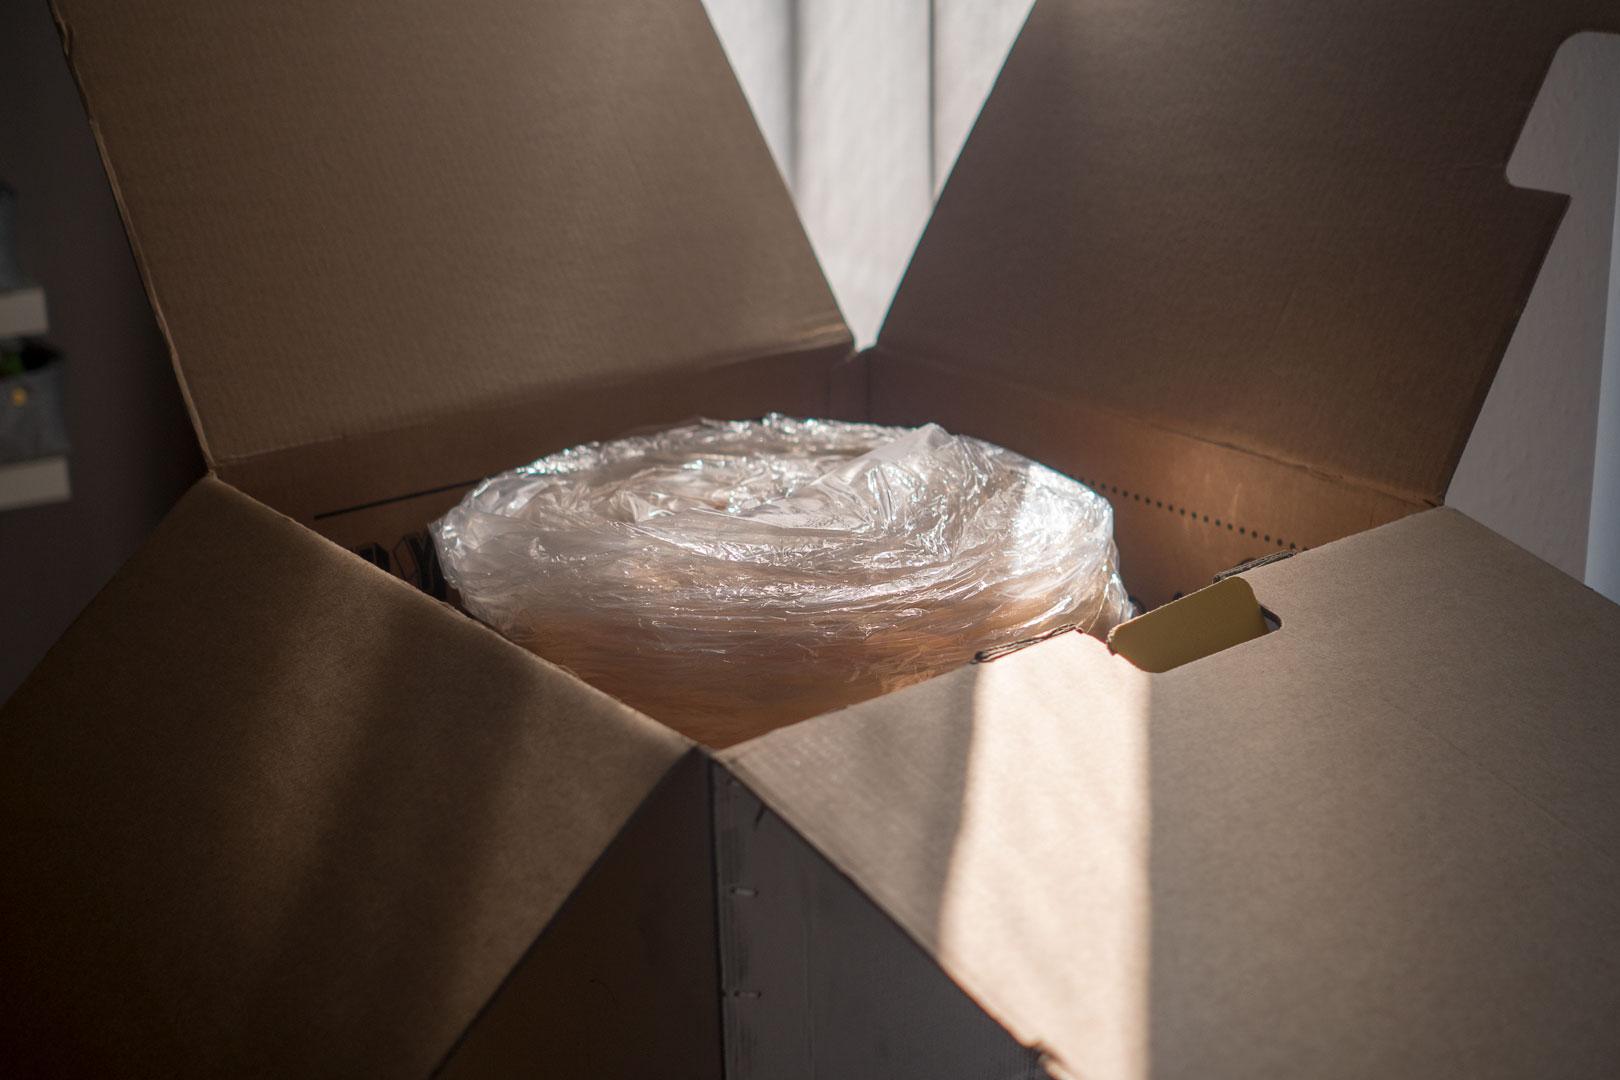 Kompakt verpackt